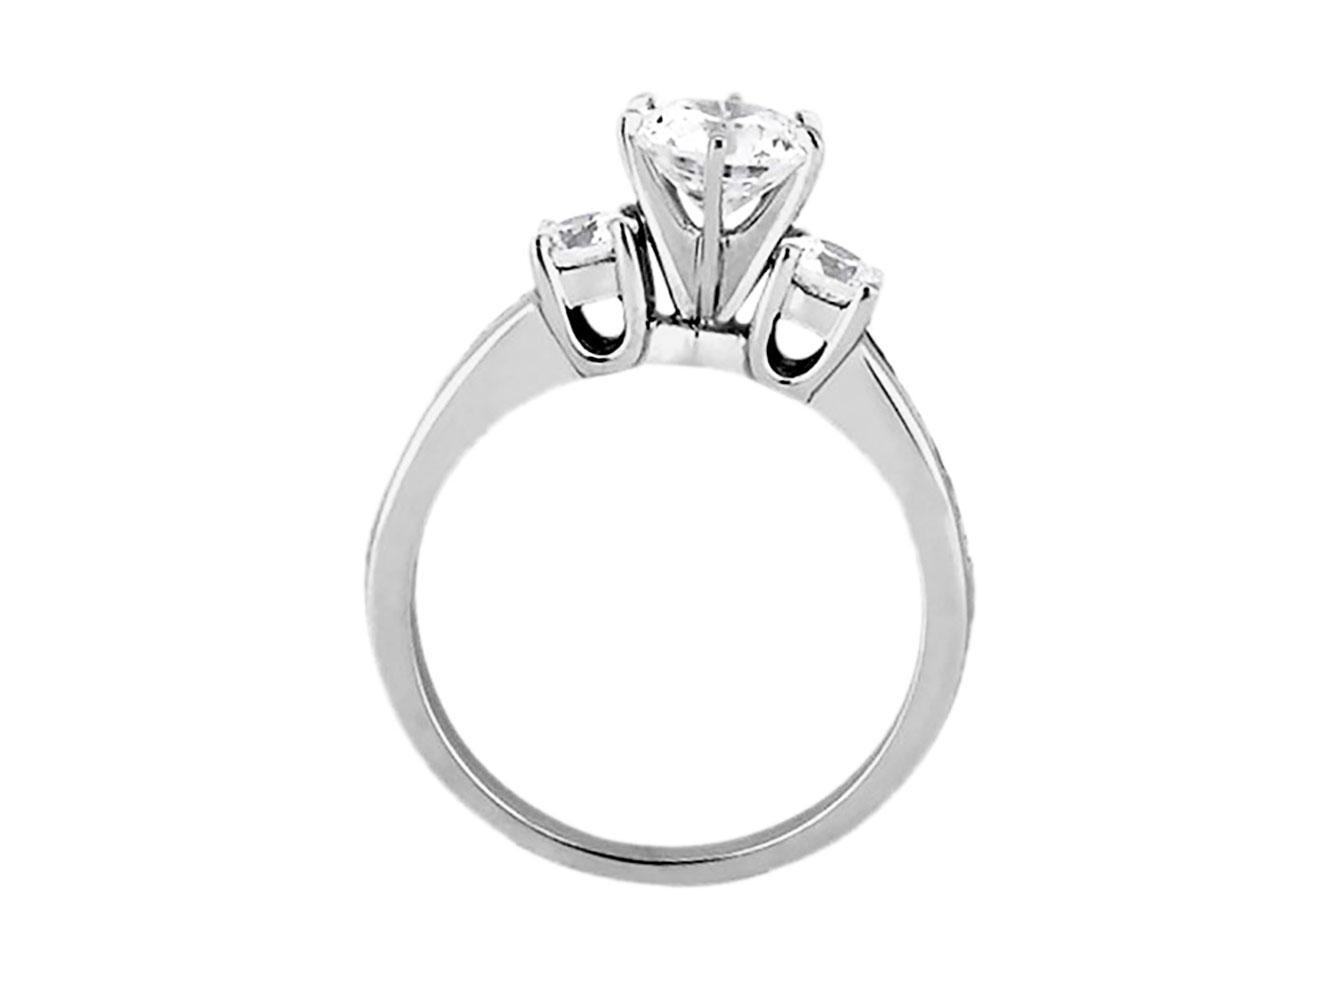 180e6b4e3768e Genuine 1.50Ct Round Princess Round Cut Diamond Engagement Ring 14k ...